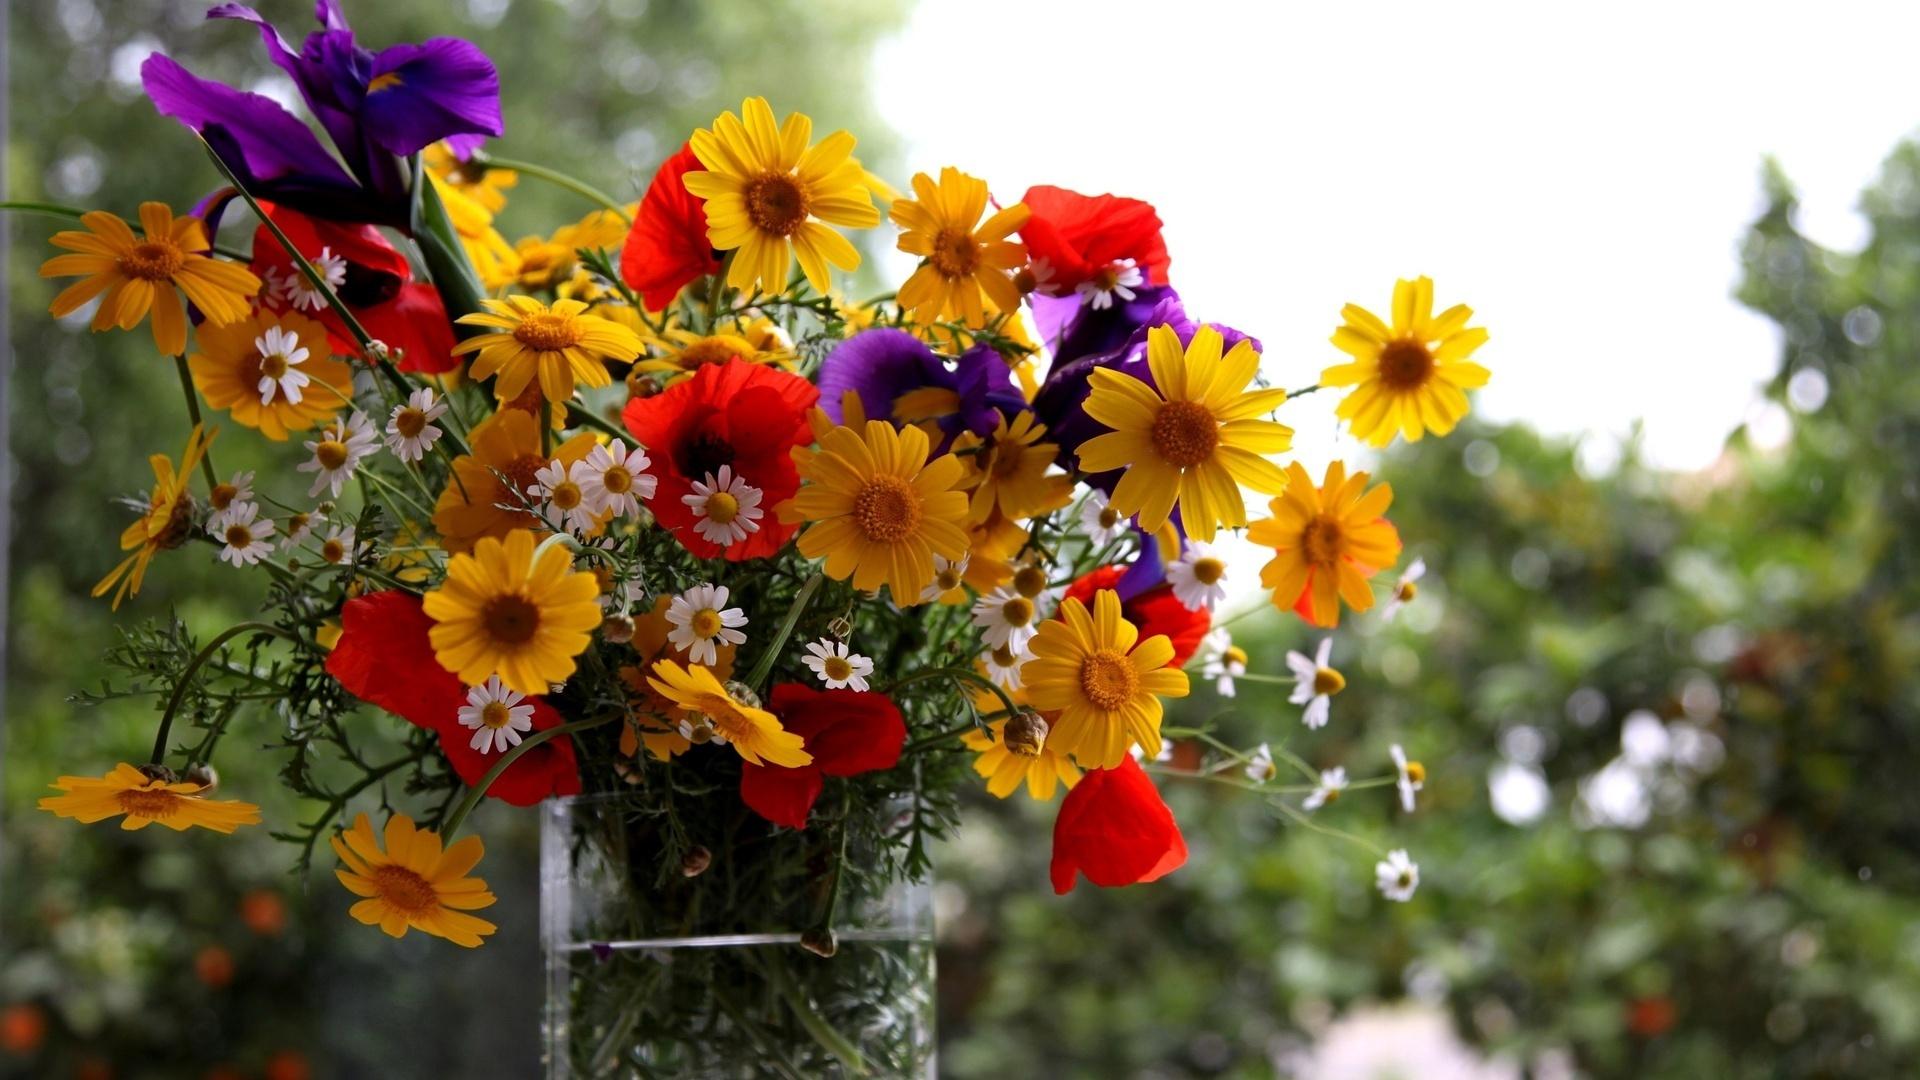 Обои на рабочий стол 1366х768 осенние цветы